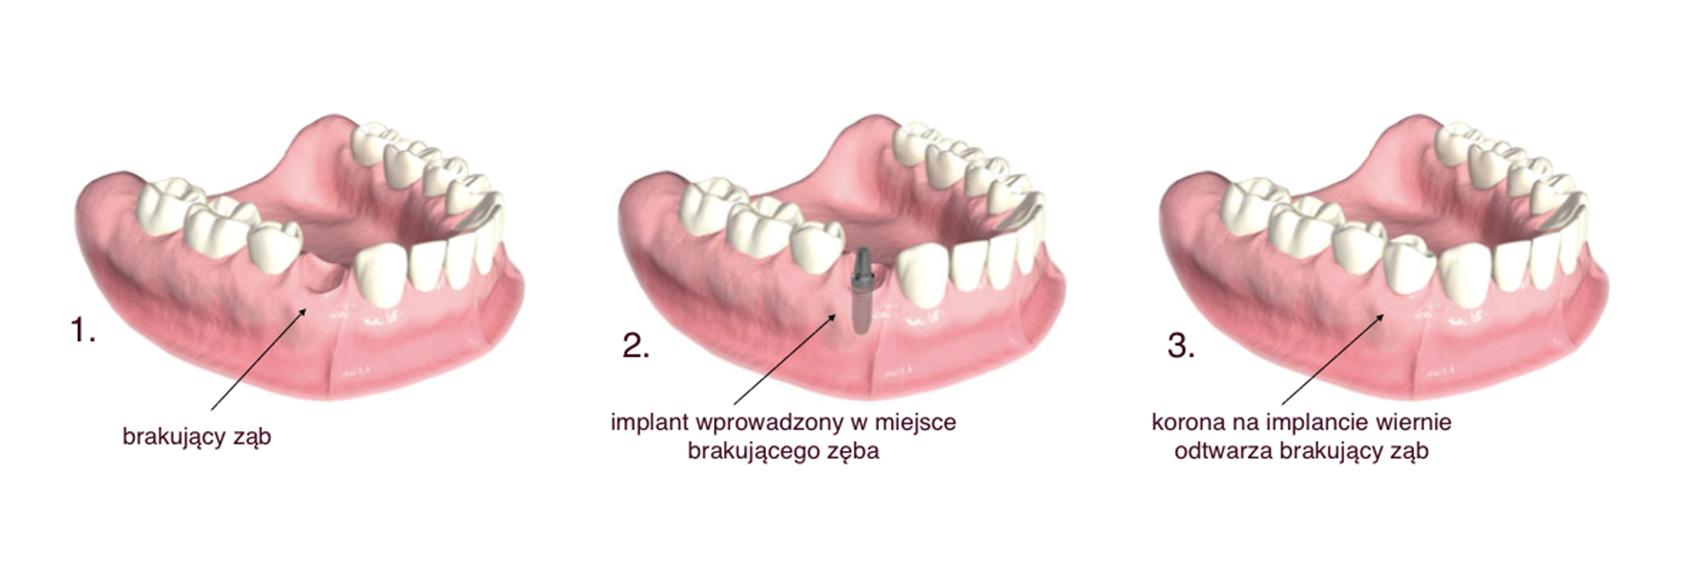 implant wprowadzony w miejsce brakującego zęba